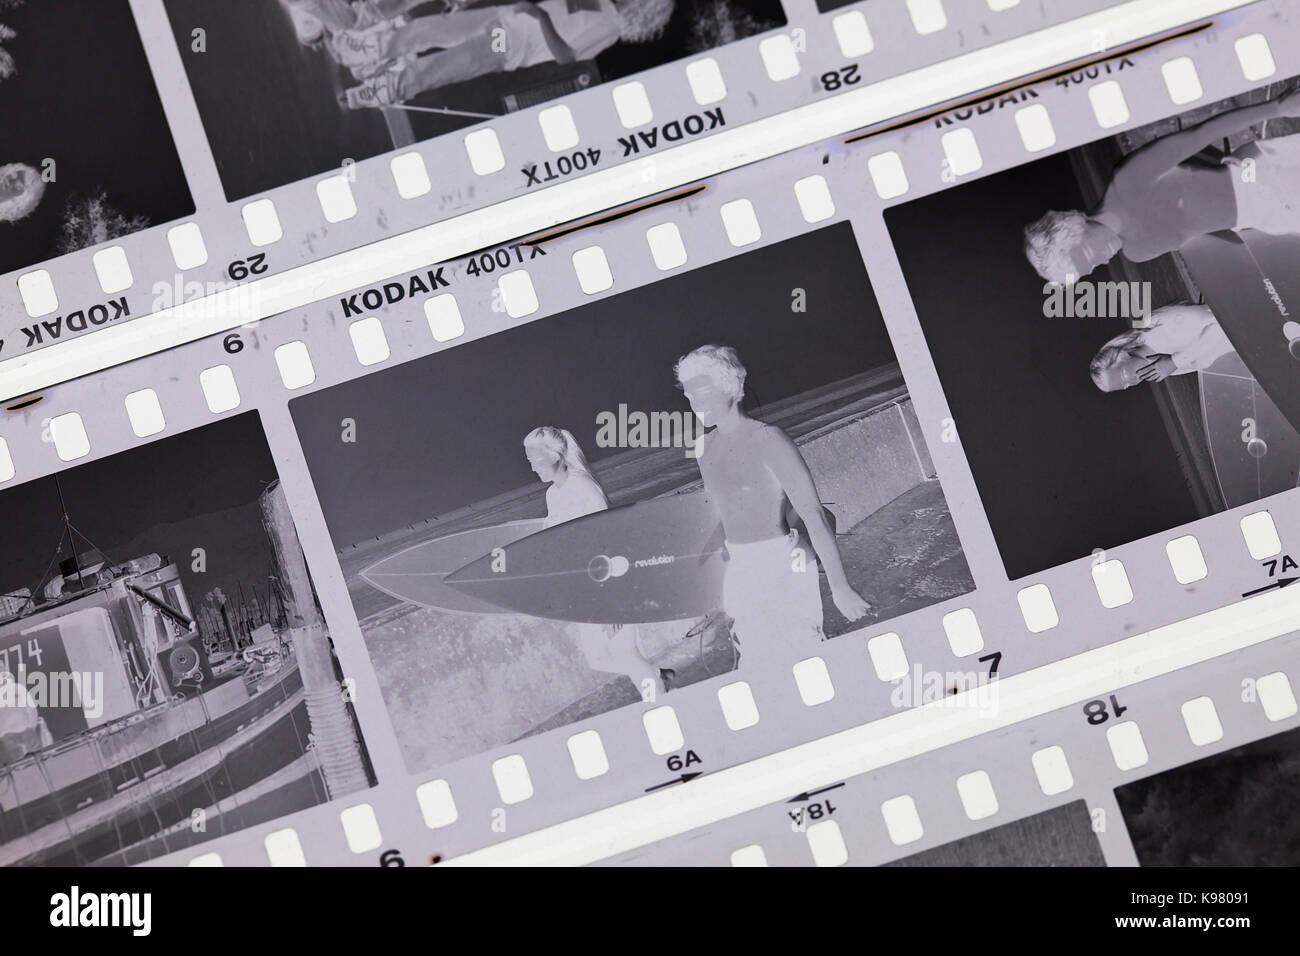 Freiliegende Kodak Tri-X 400 schwarz und weiß Negativfilm auf Licht Tabelle - USA Stockbild